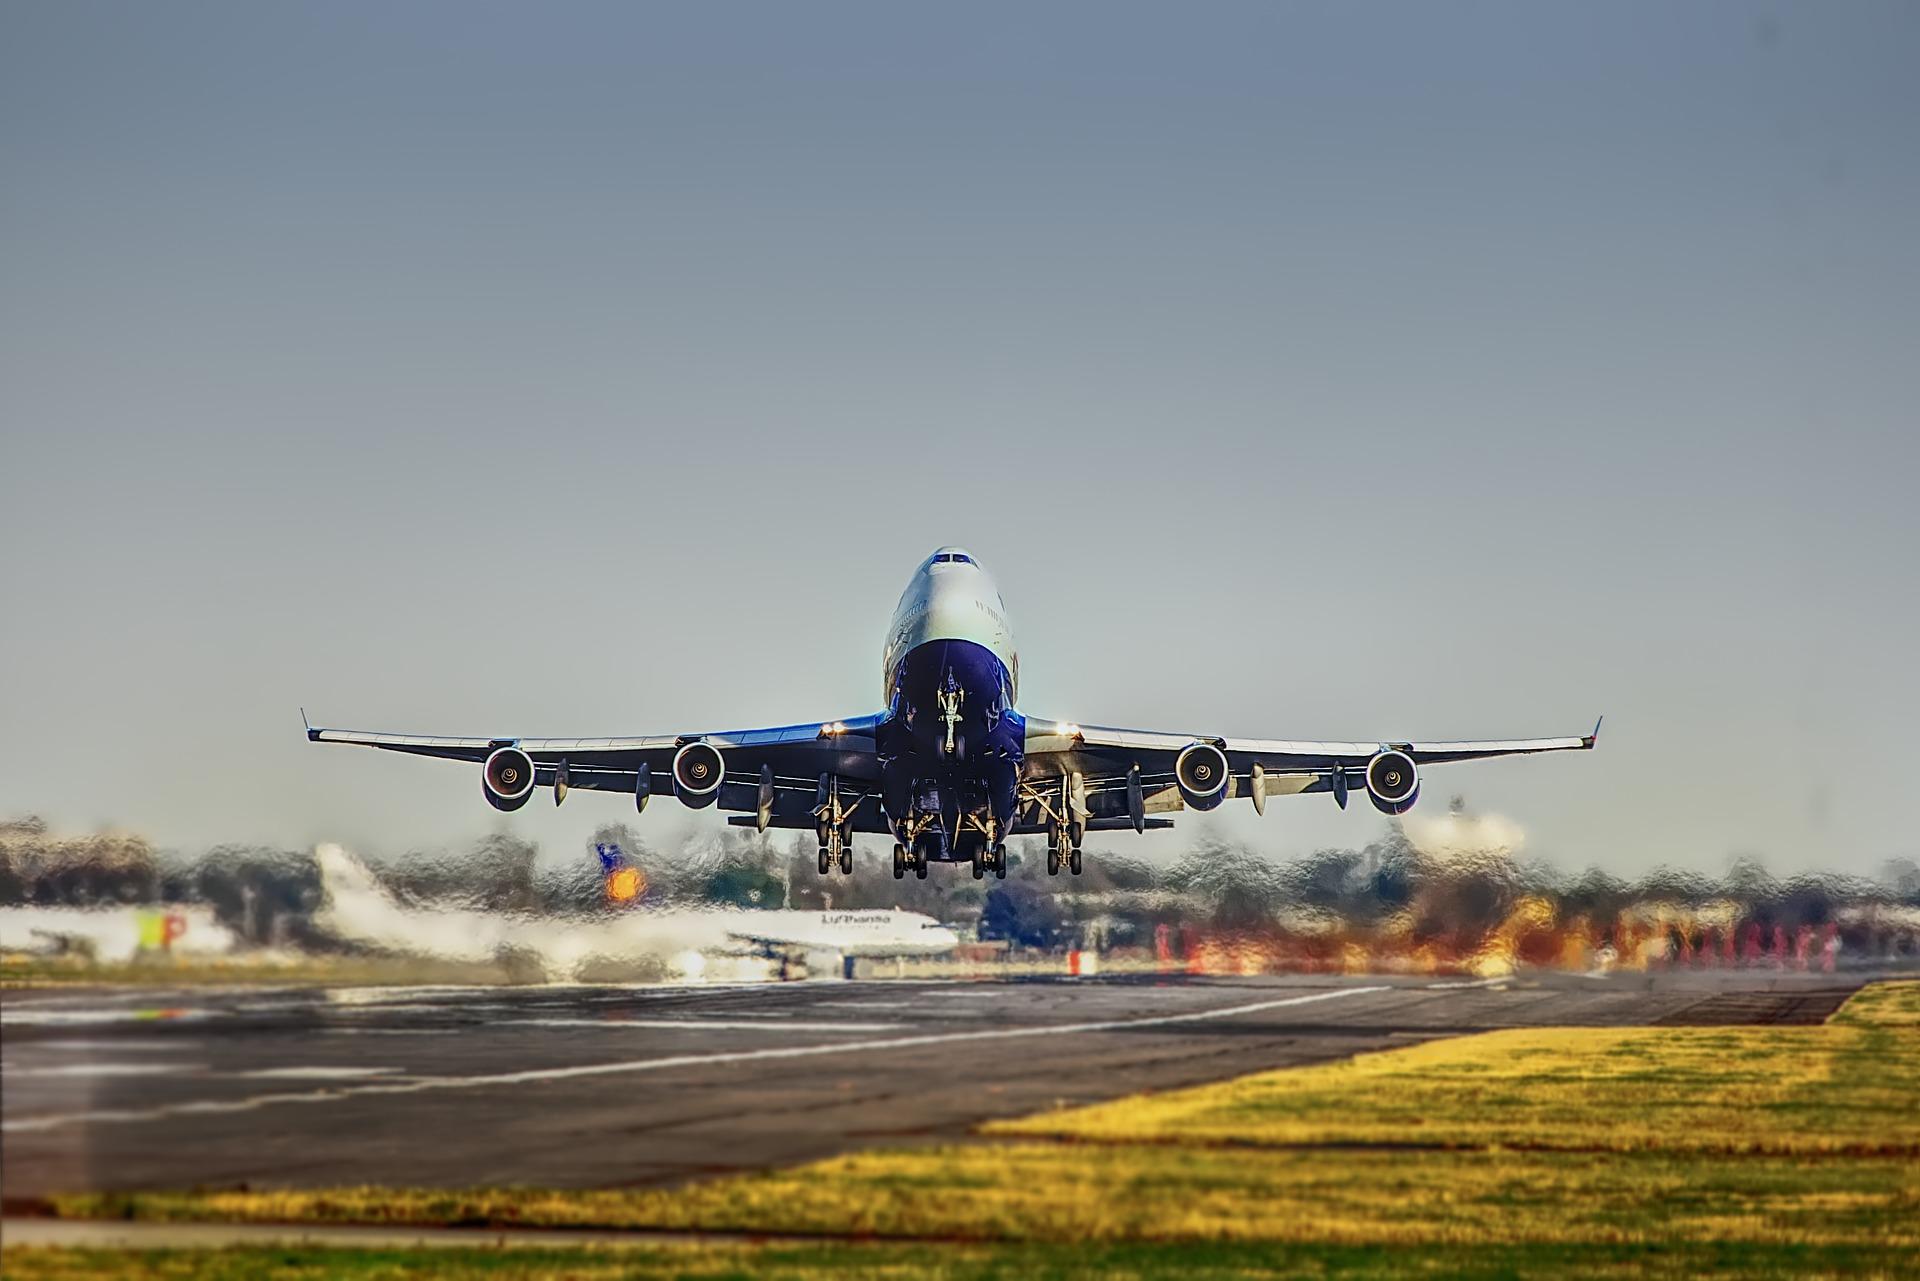 La aviación es clave para el turismo: Sectur